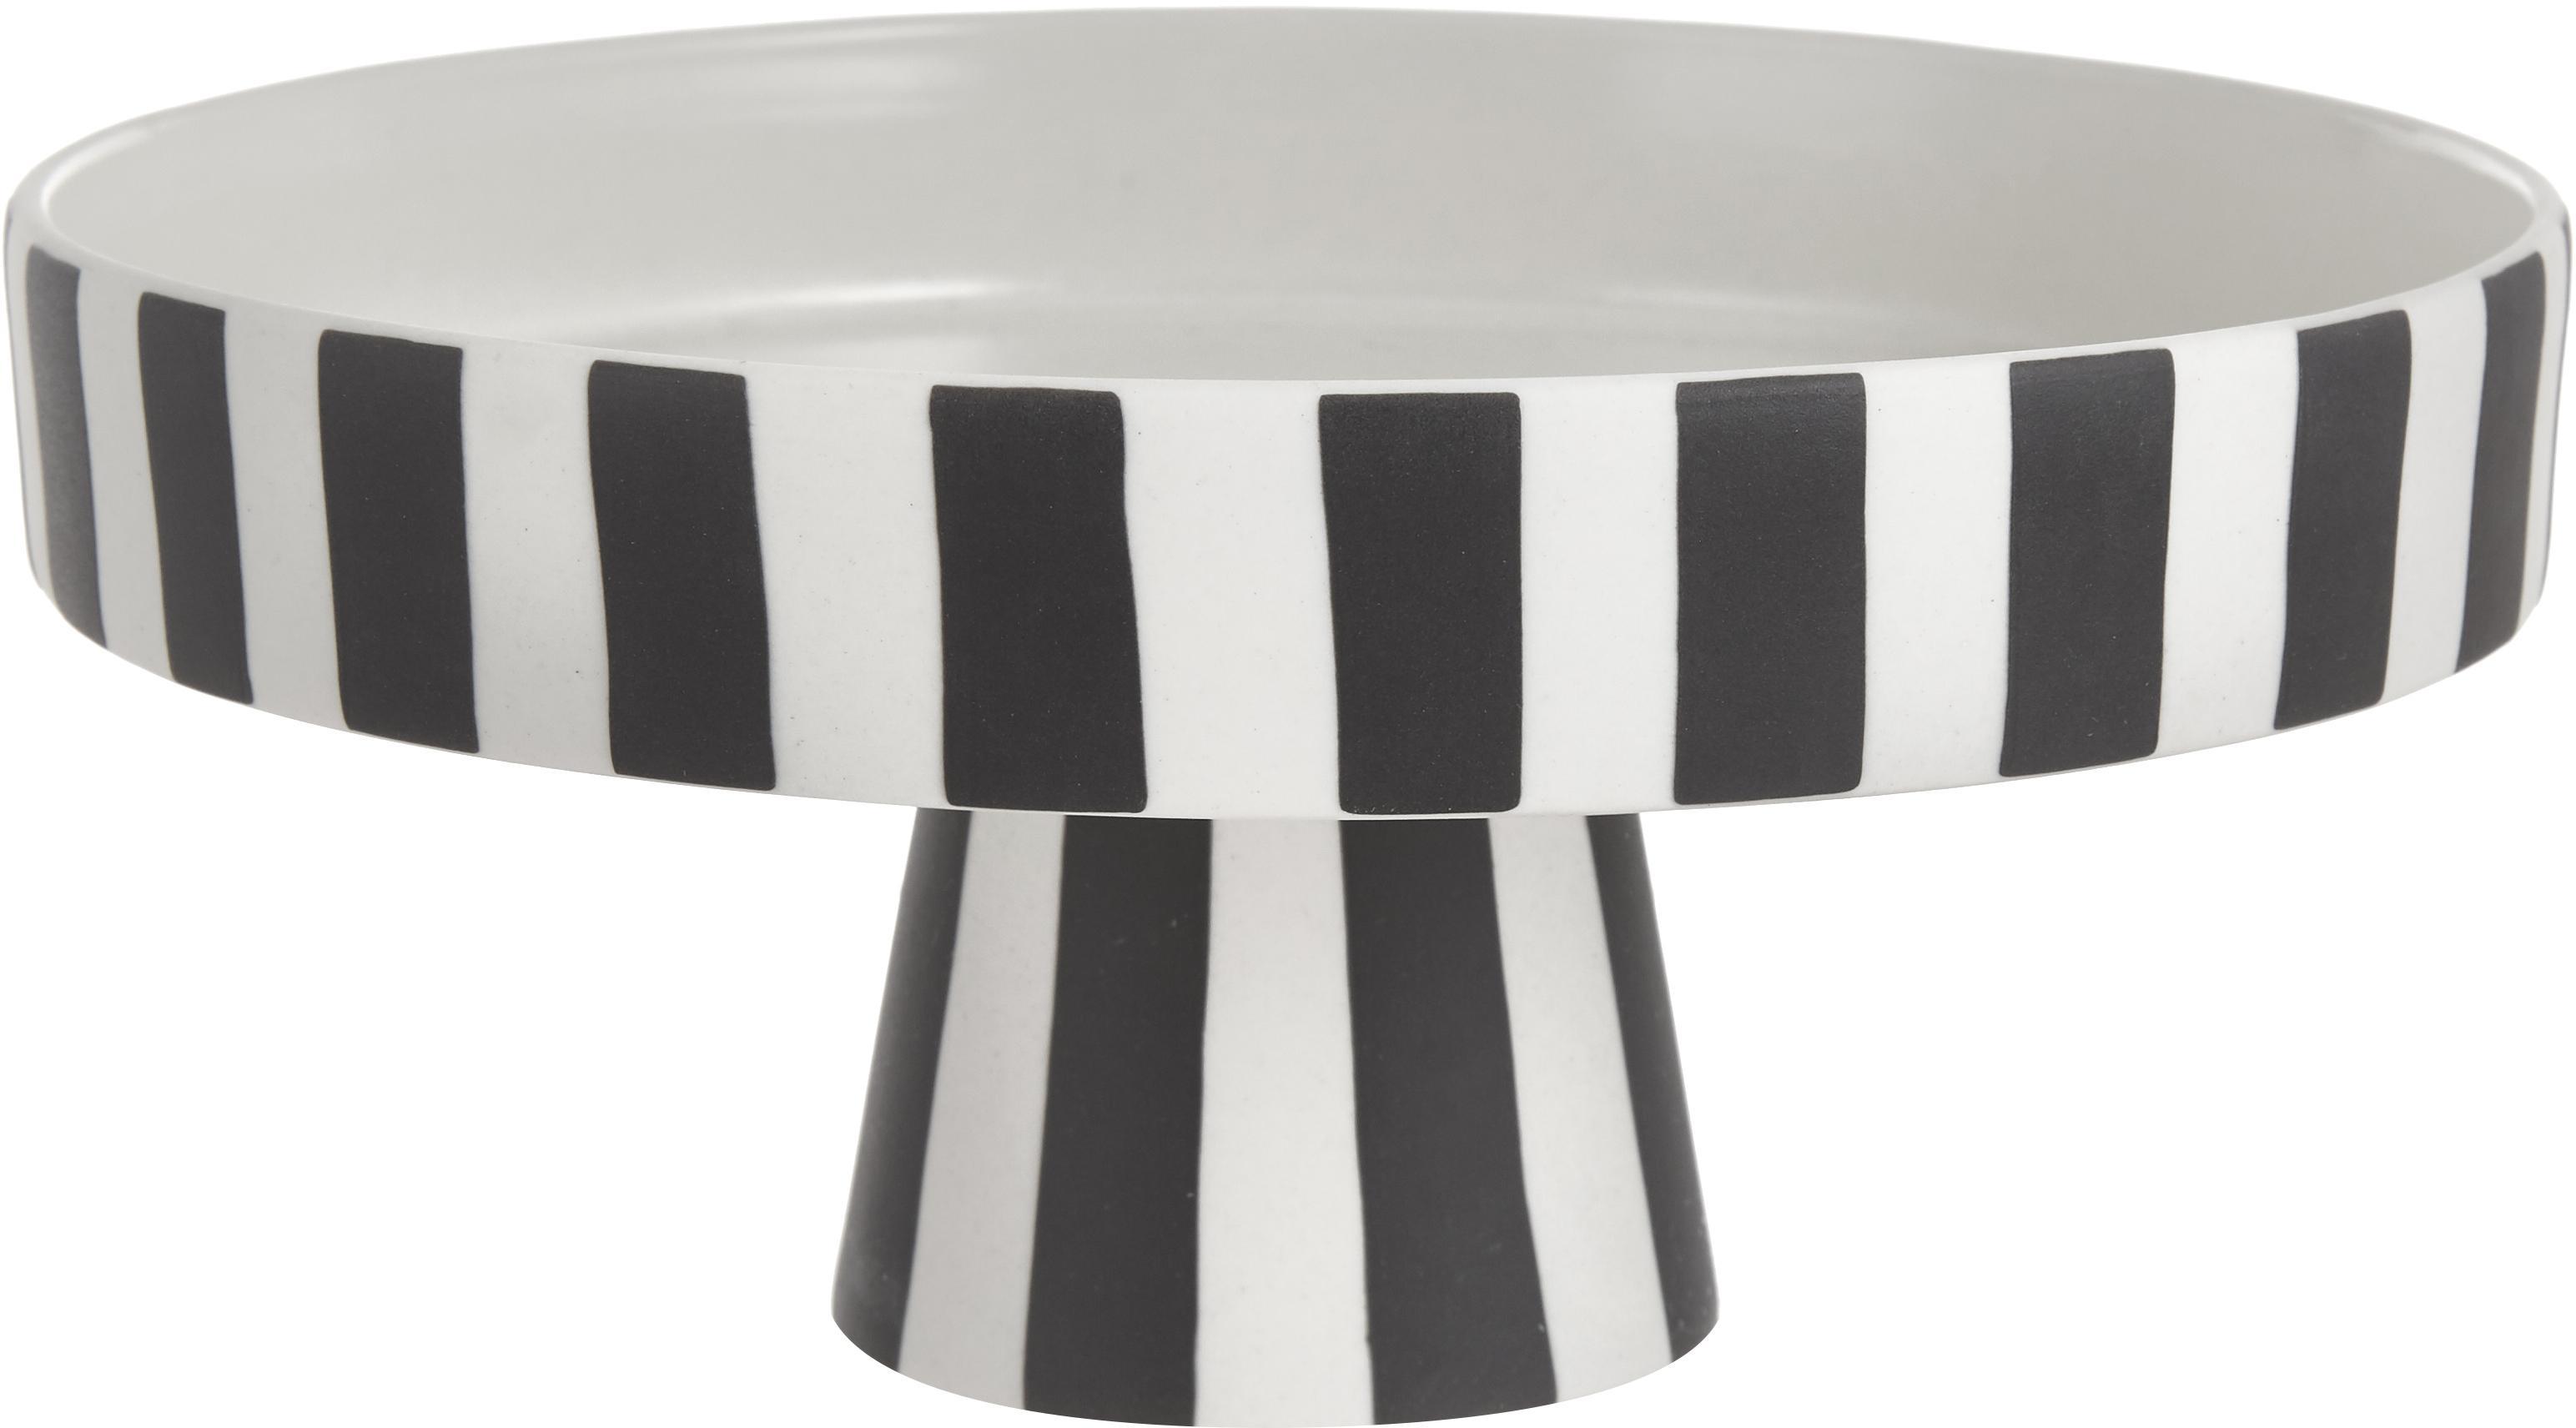 Kleine Tortenplatte Toppu, Keramik, Weiß, Schwarz, Ø 20 x H 9 cm